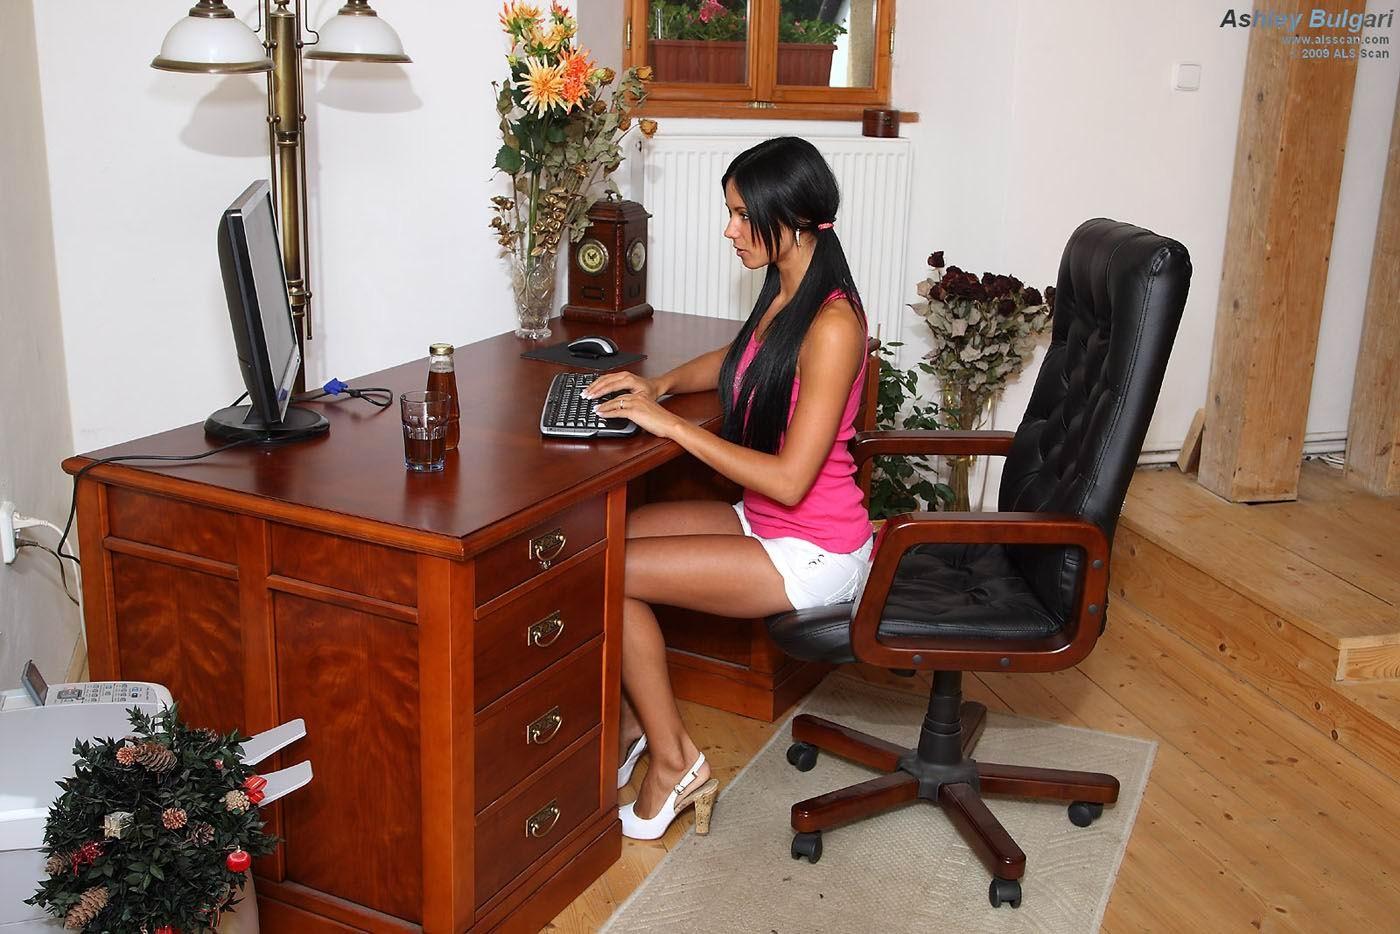 Эшли Булгари в офисном кресле позволяет себе расслабиться и показывает стройную фигурку